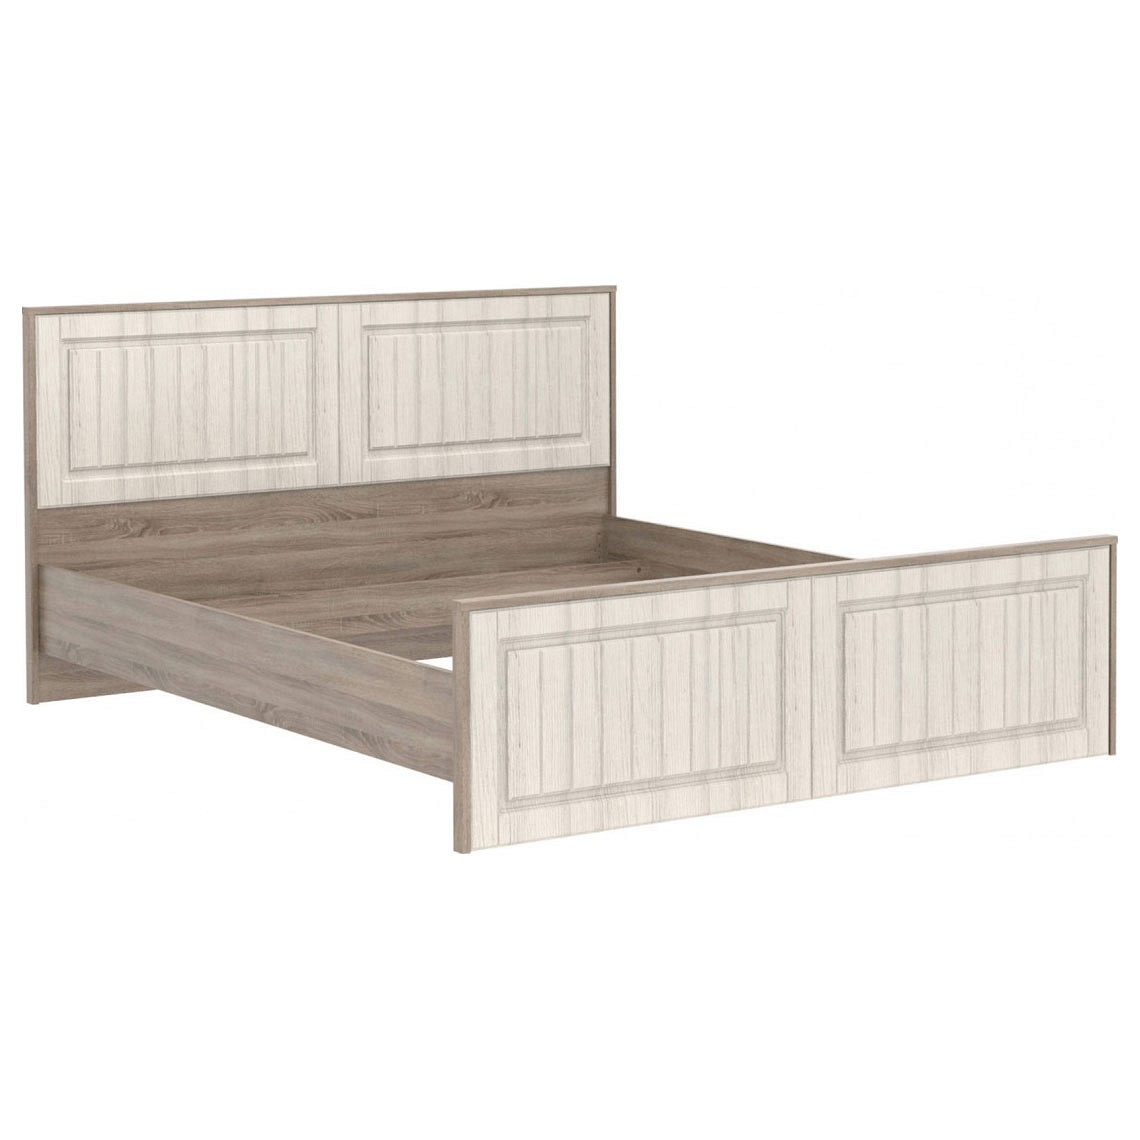 Кровать двуспальная СтолЛайн Соната СТЛ.272.09 160х200